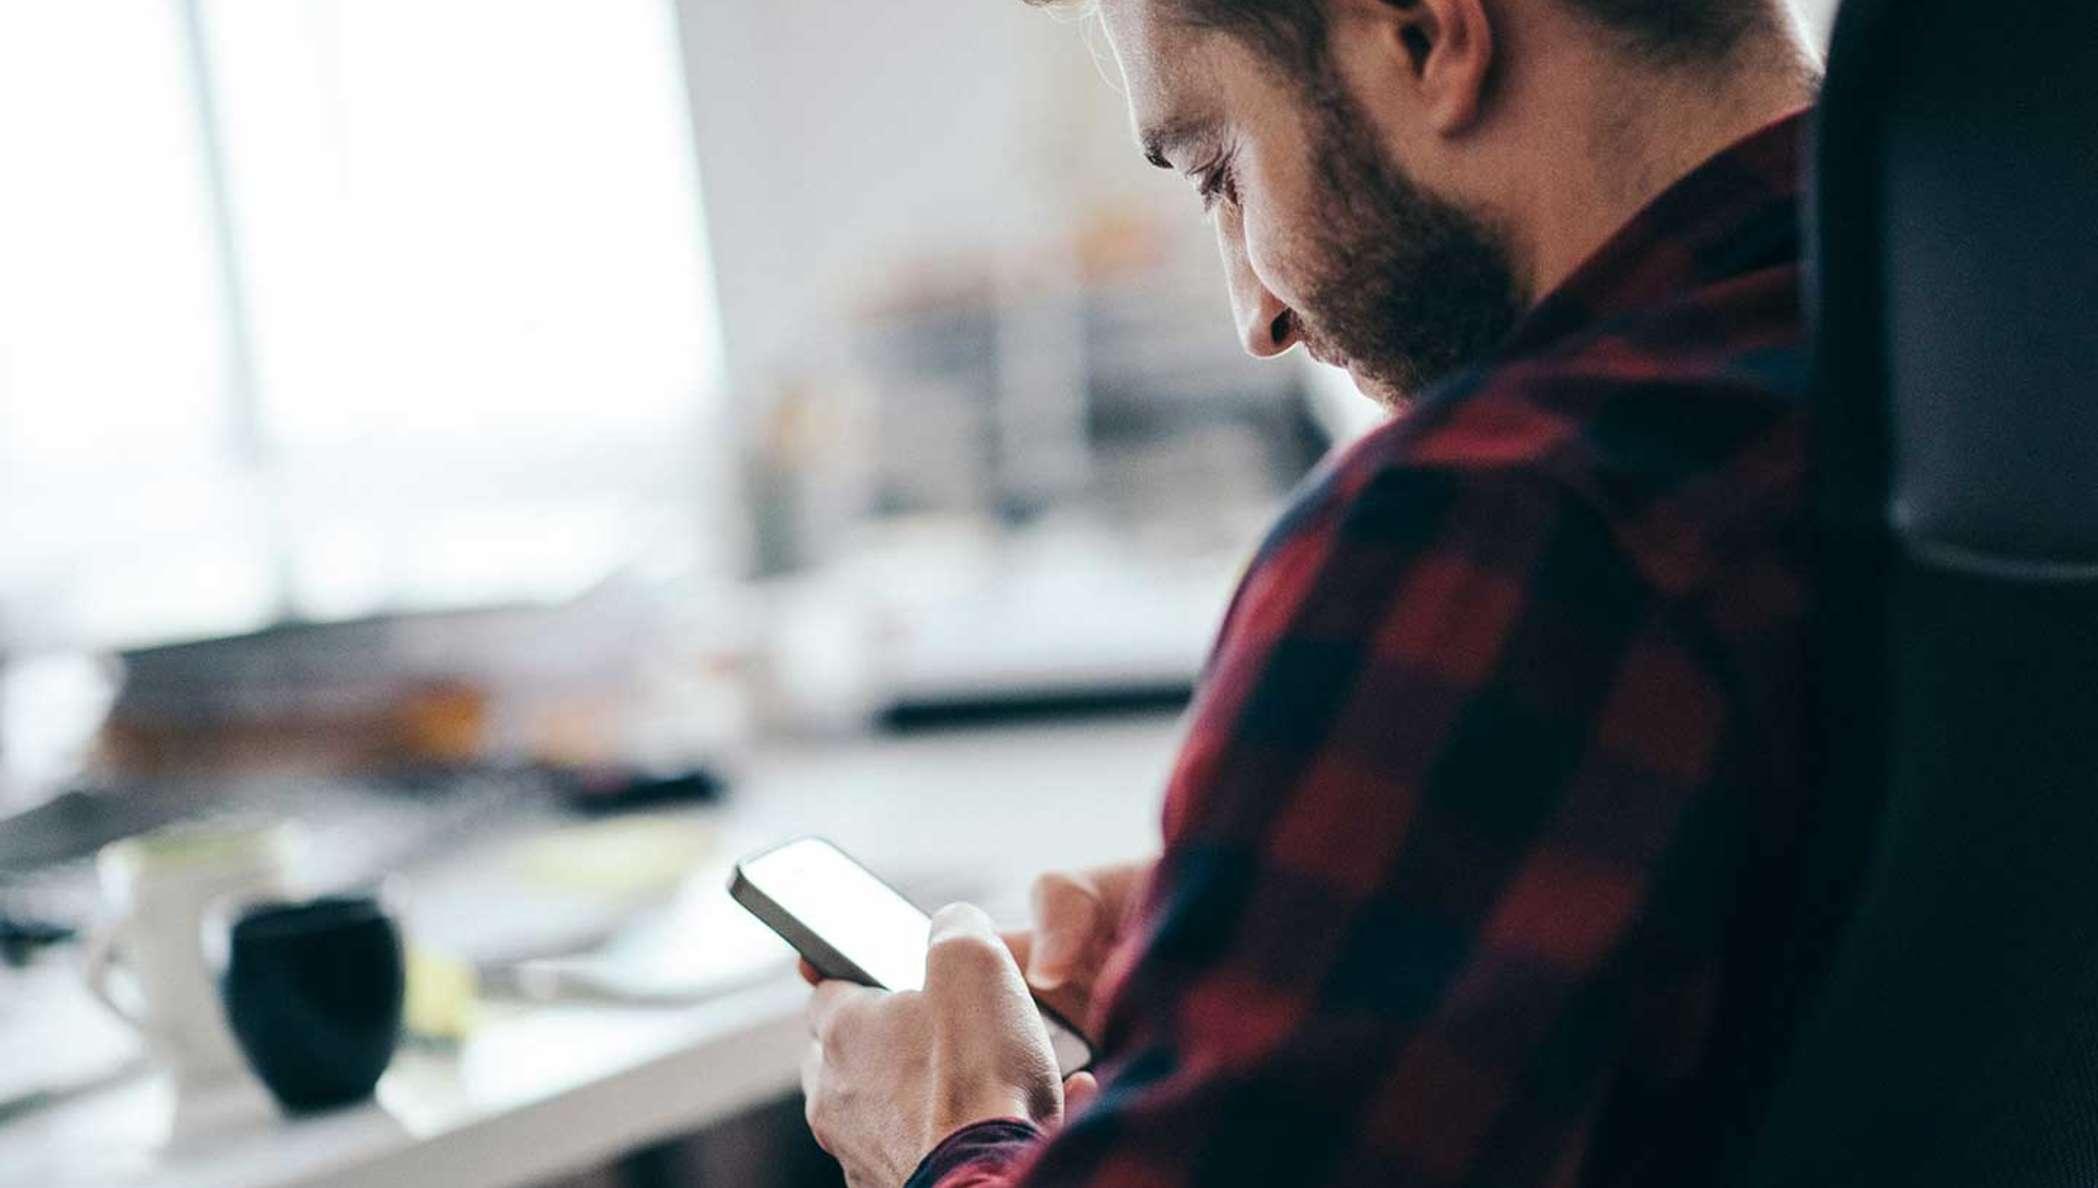 Um homem com barba em uma blusa de flanela xadrez, conferindo o status de uma assinatura em seu celular.